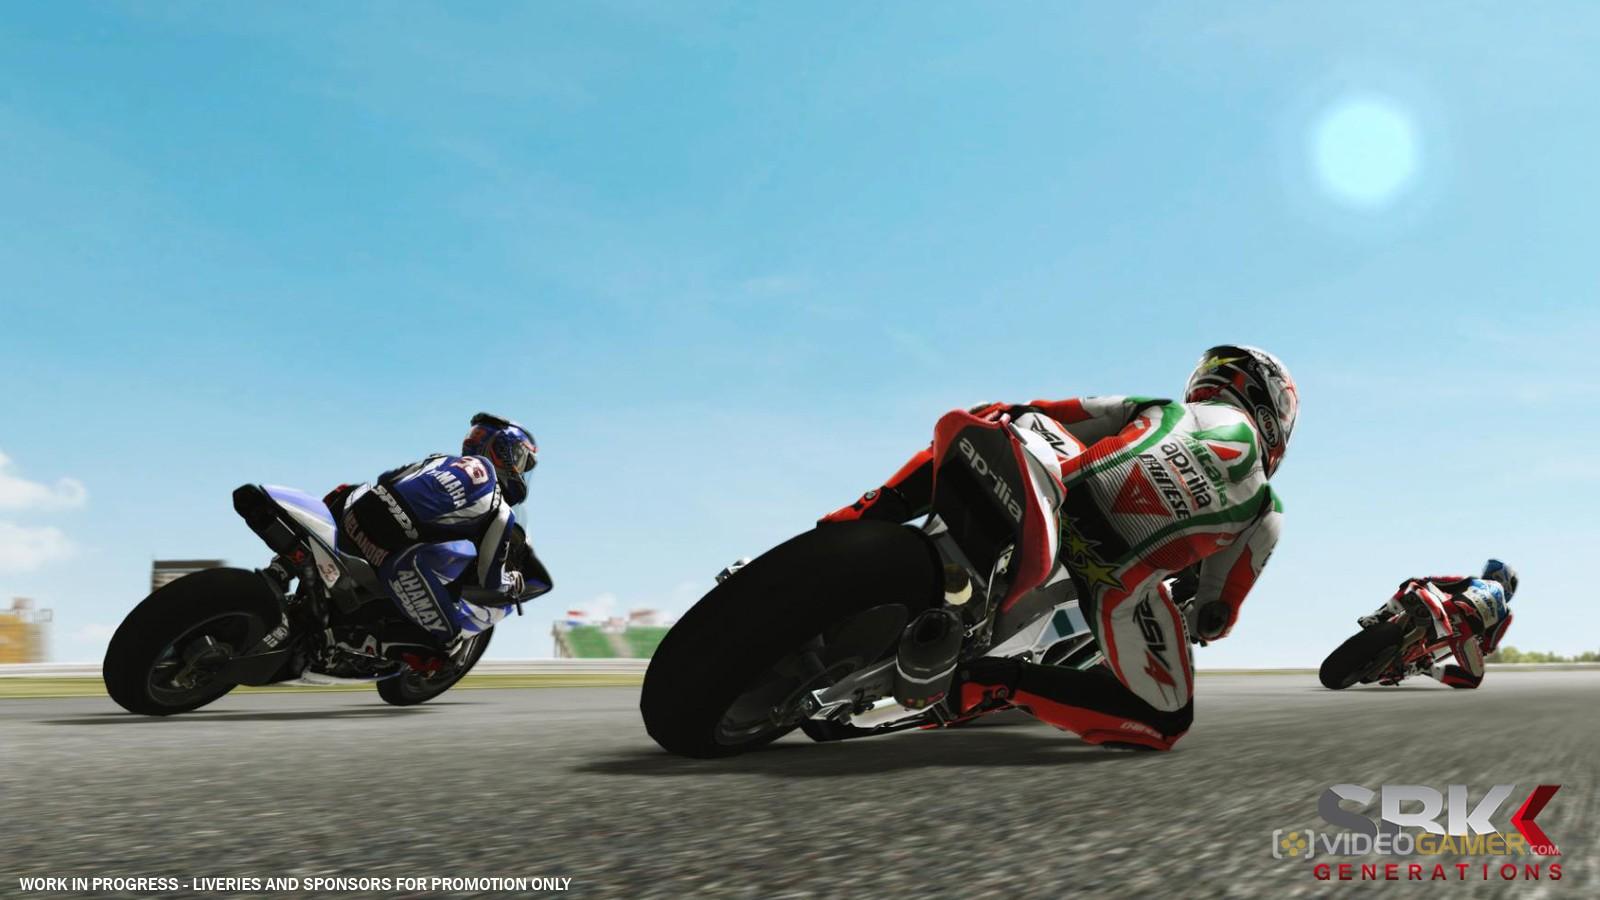 السباق والسرعة مع اللعبة SBK Generations-RELOADED بكراك ريلودد على اكثر من سيرفر